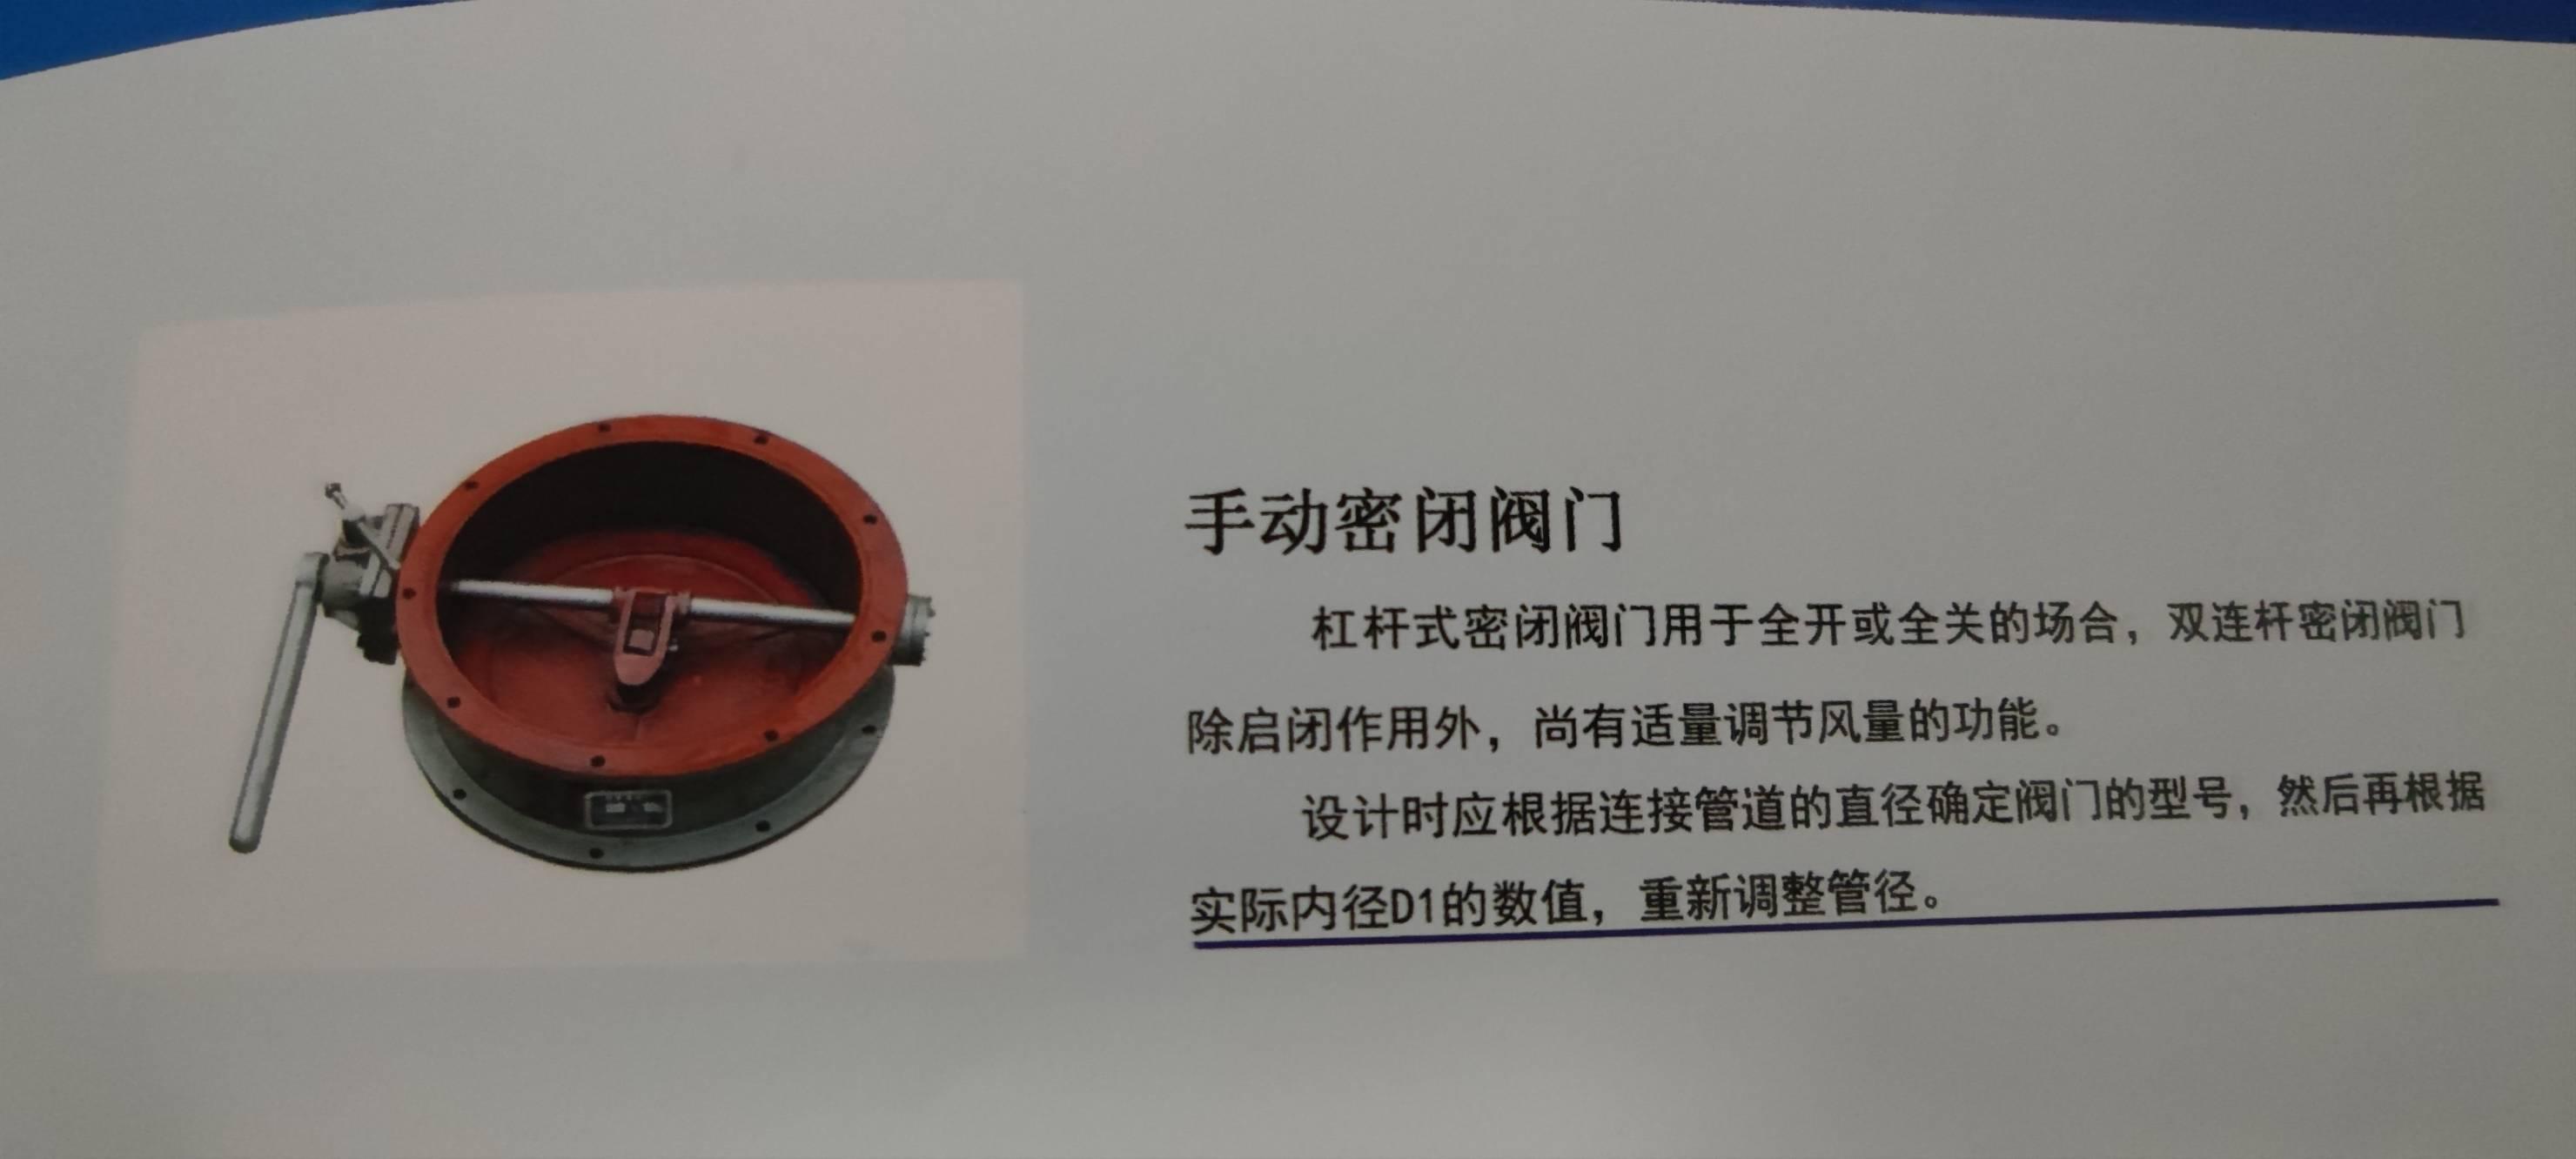 人防设备中防爆地漏安装时要注意的事项